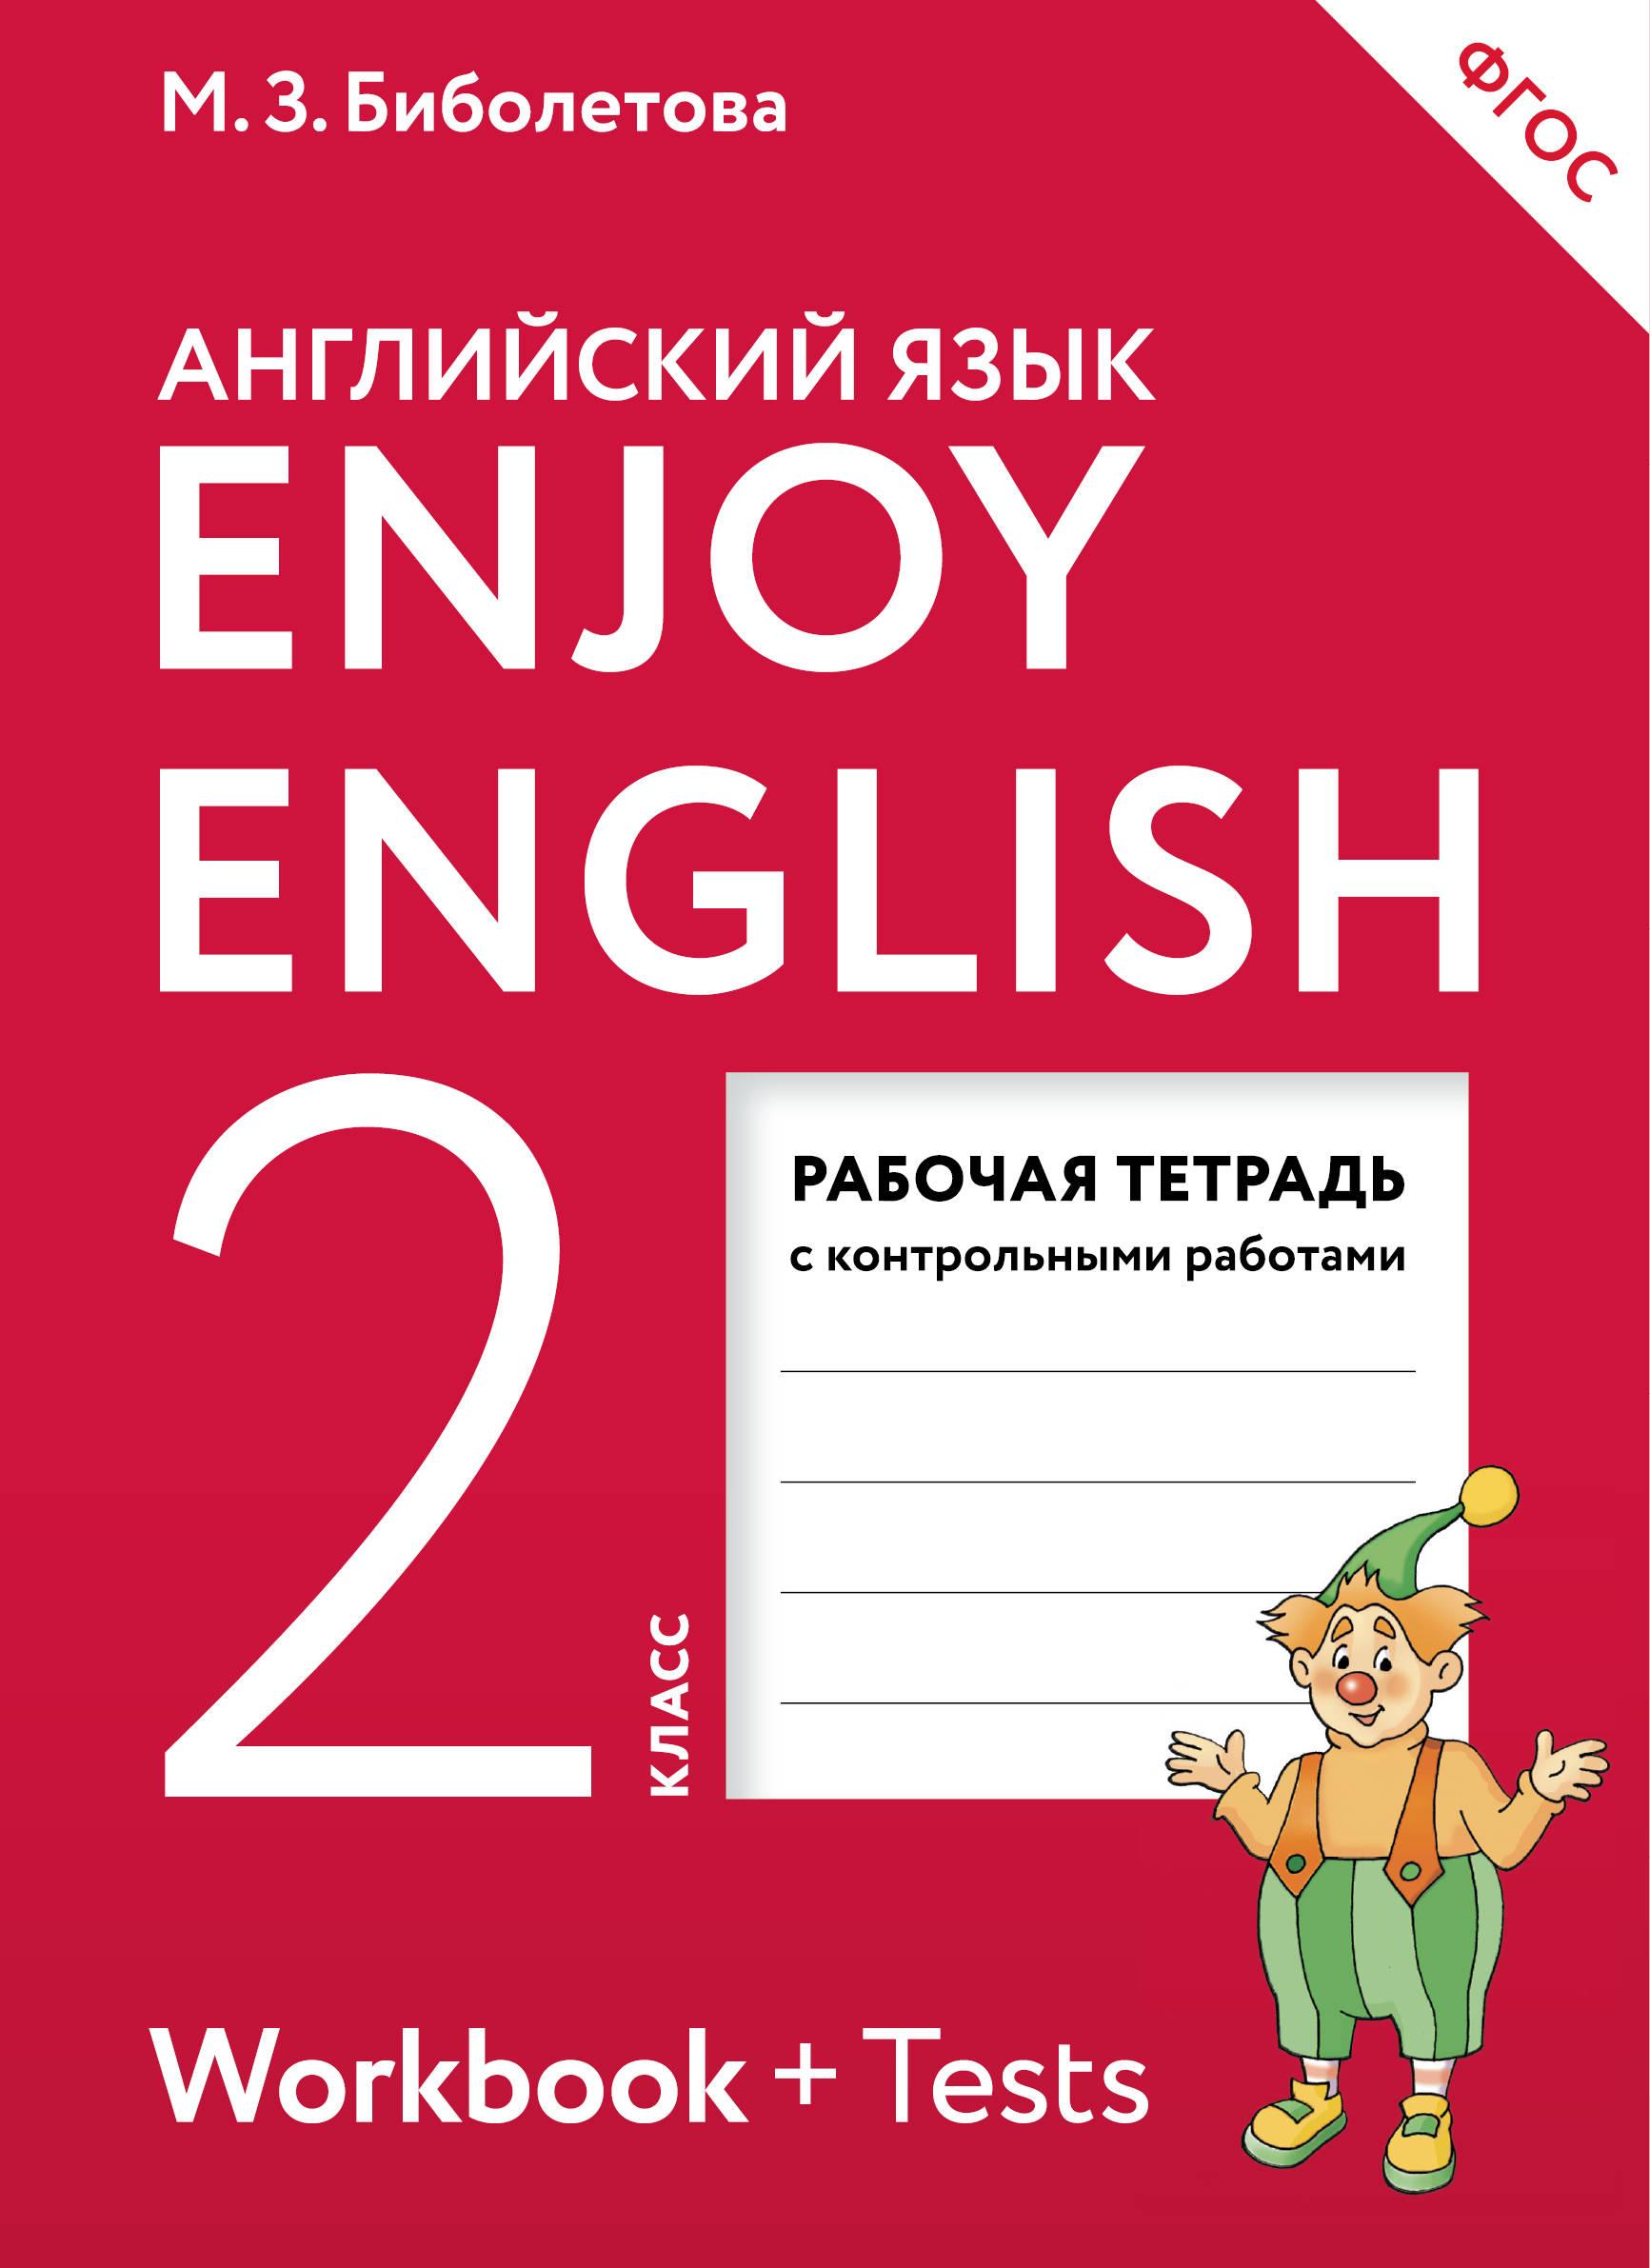 М. З. Биболетова, О. А. Денисенко, Н. Н. Трубанева Enjoy English 2: Workbook / Английский язык. 2 класс. Рабочая тетрадь